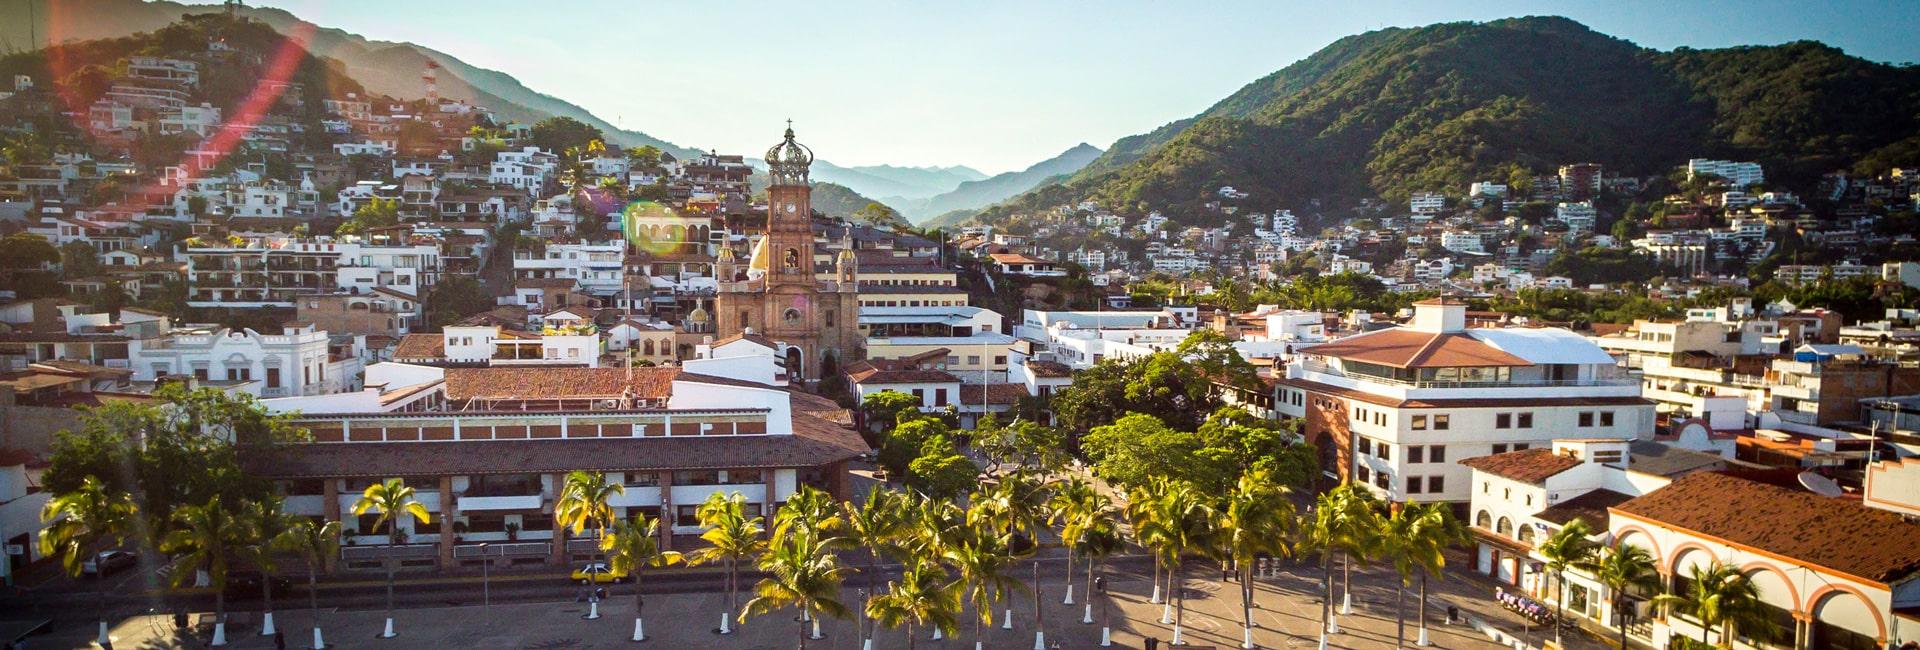 Best places near puerto vallarta